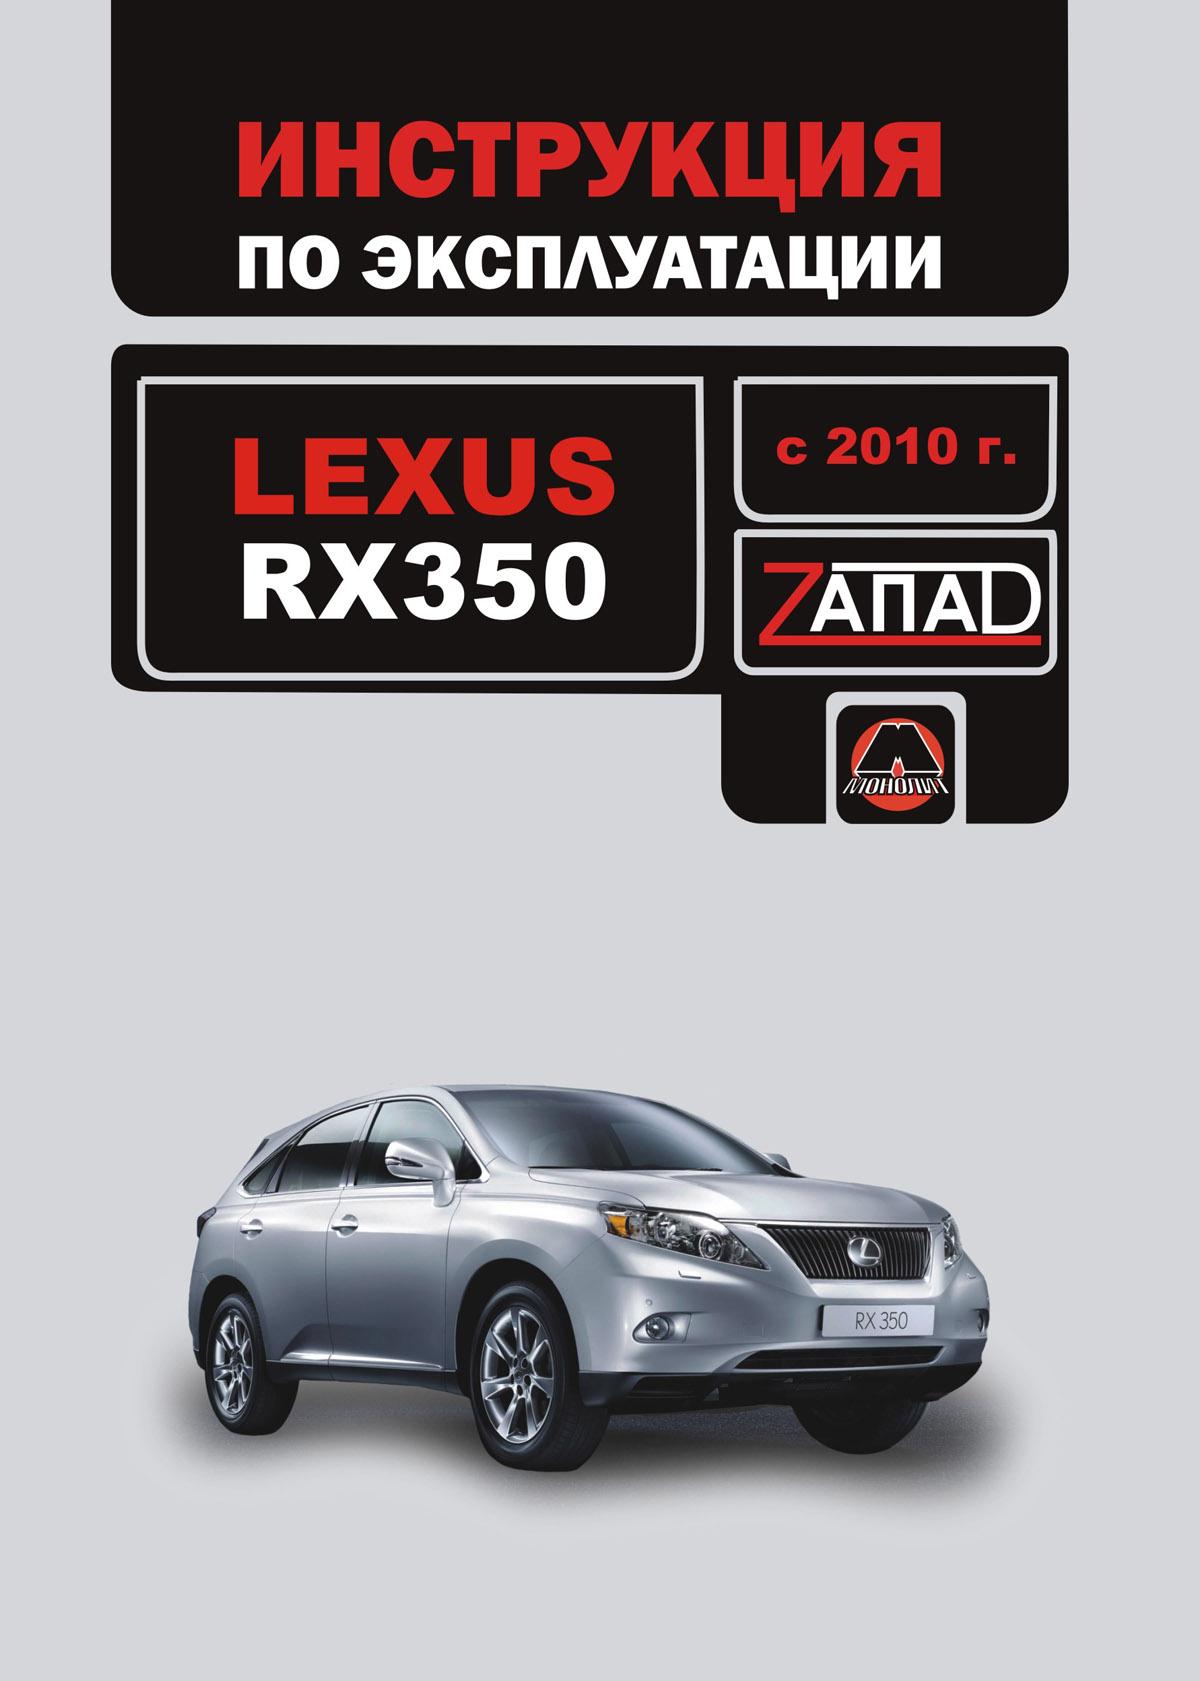 Lexus rx350 инструкция по эксплуатации